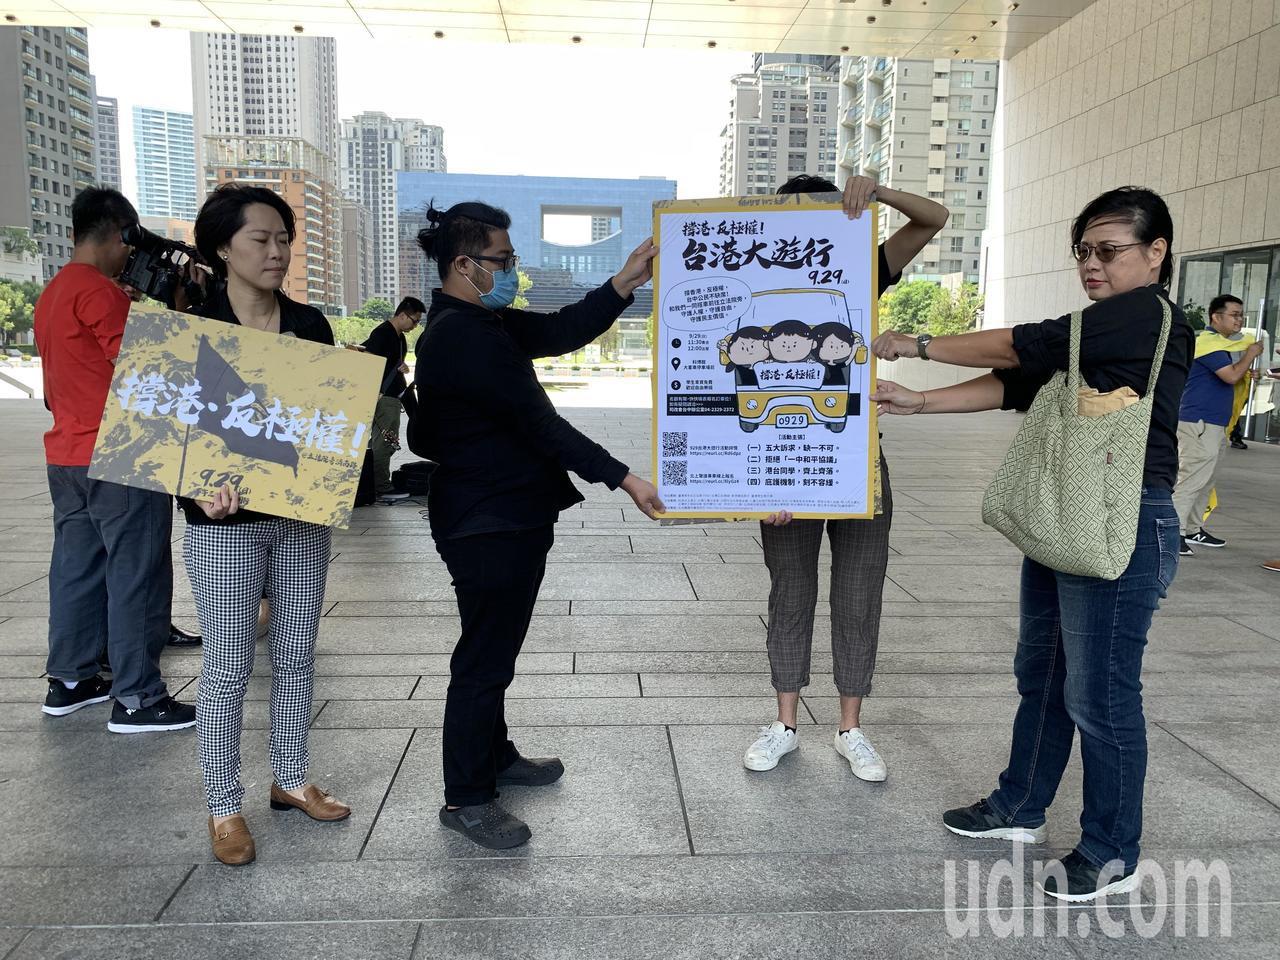 中台灣公民團體今天站出來在市府廣場「撐香港挺反極權」,號召929一起北上,928...